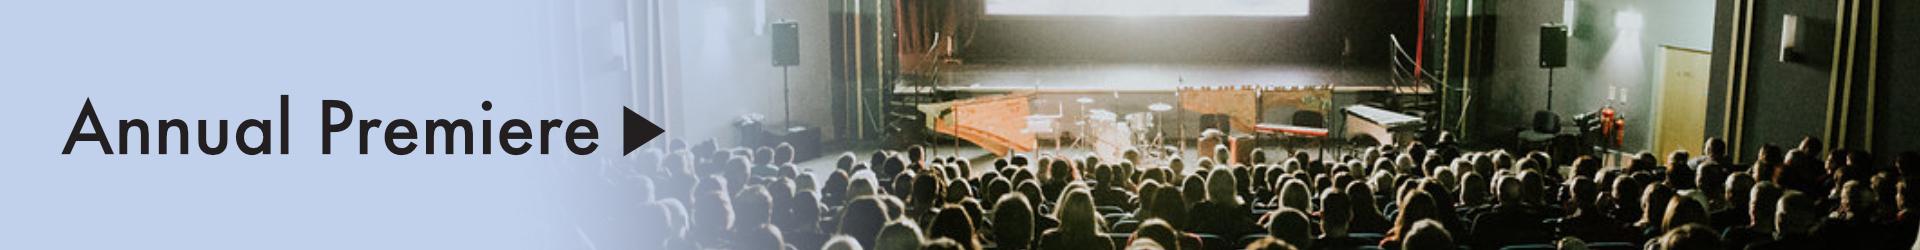 5. Annual Premiere.jpg